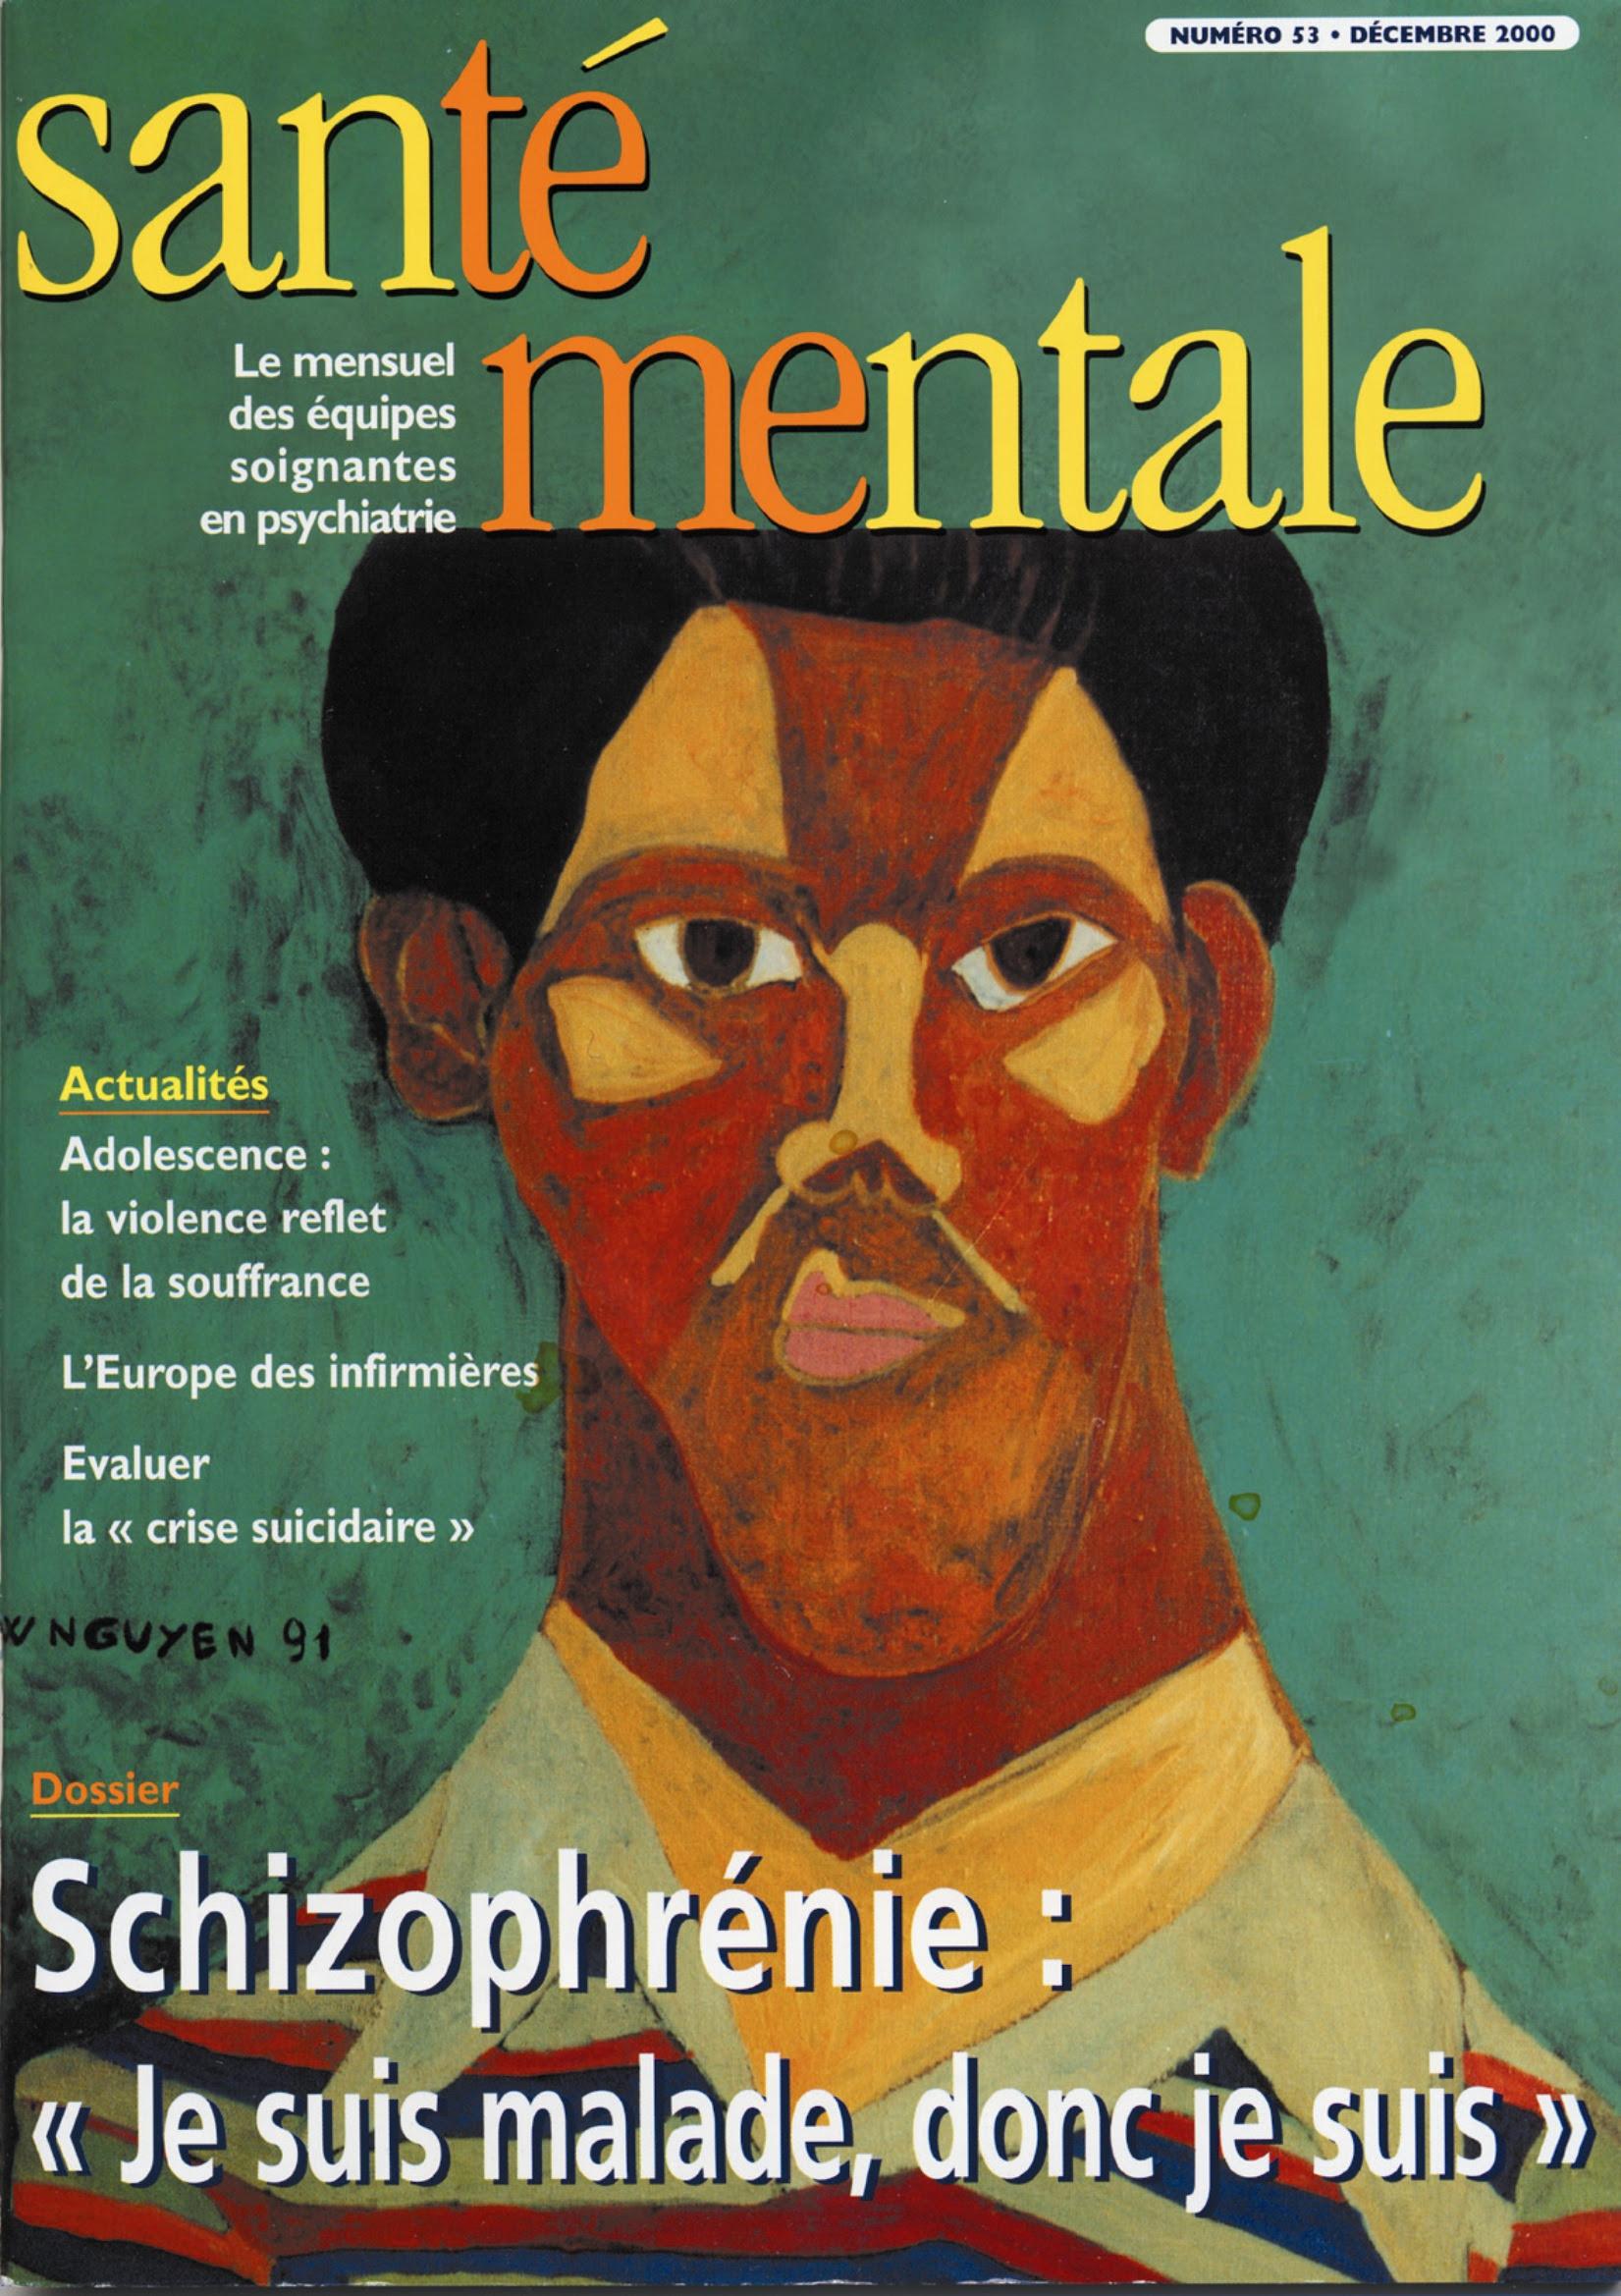 N° 53 - Décembre 2000